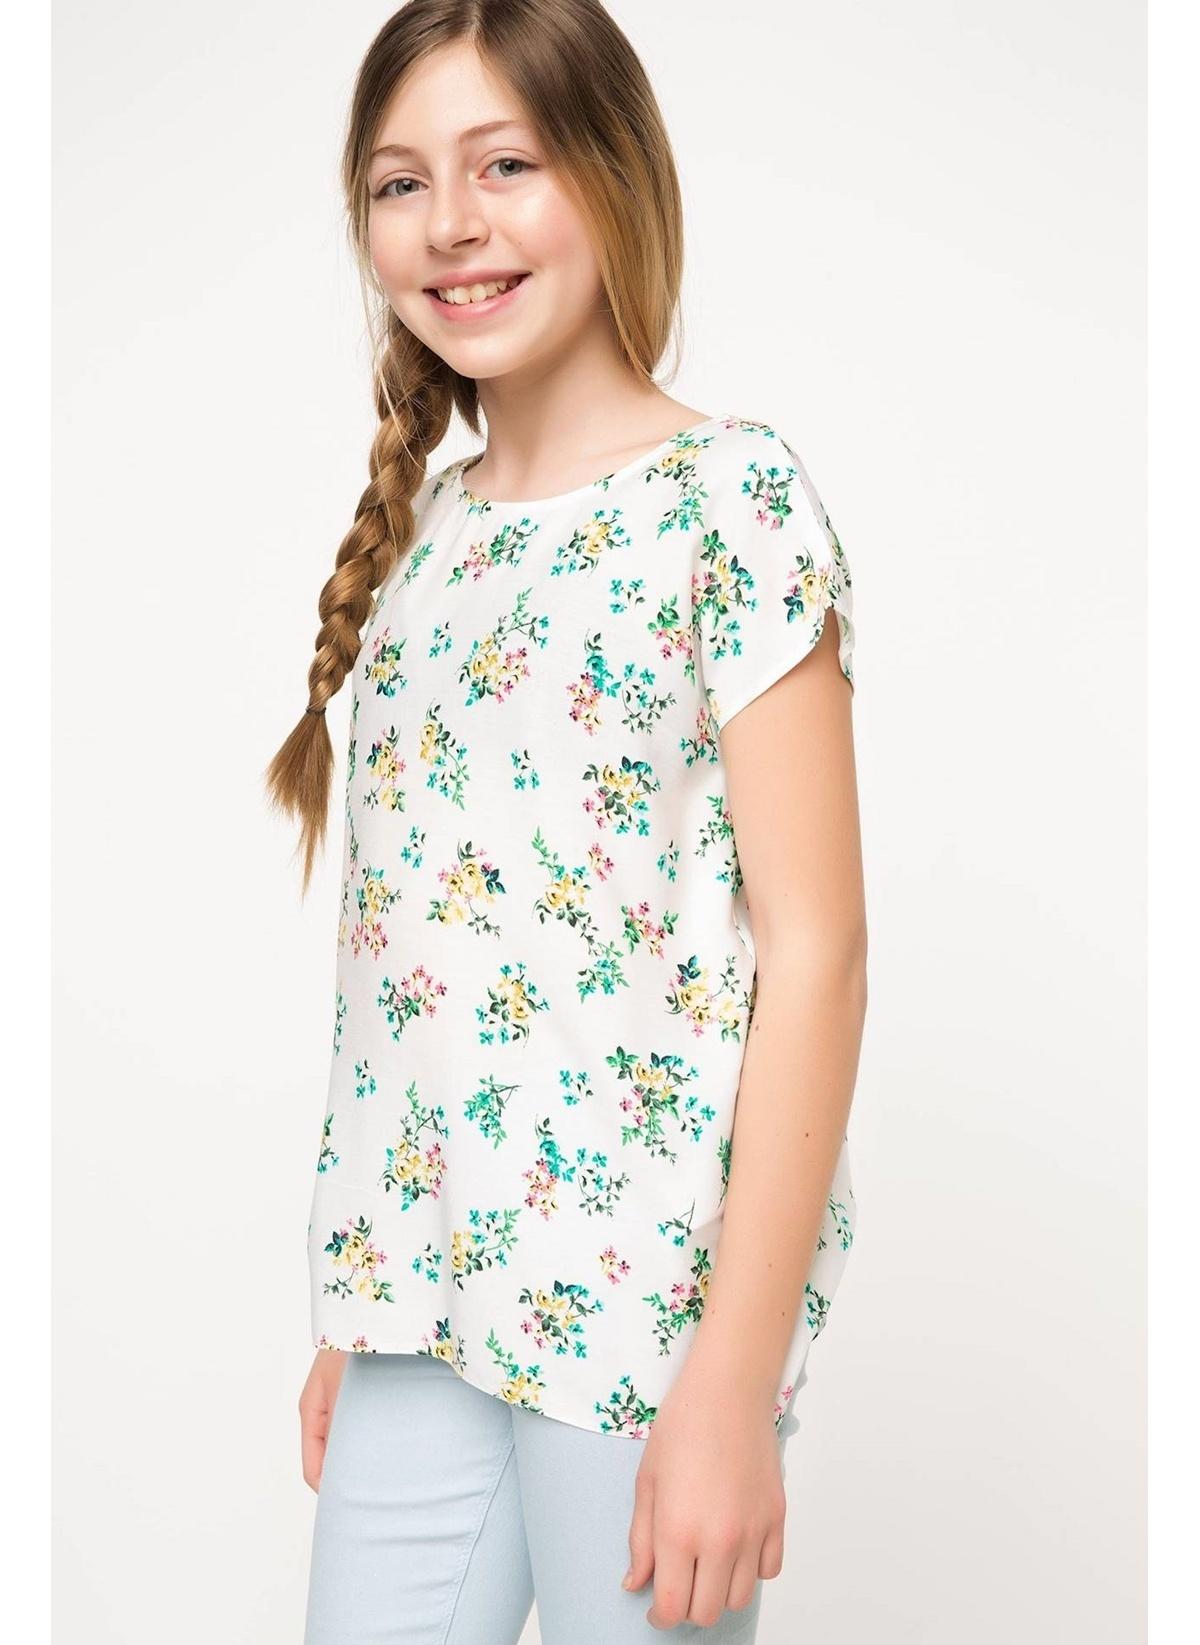 Defacto Bluz H2040a617smer105 Çiçek Desenli Genç Kız – 24.99 TL